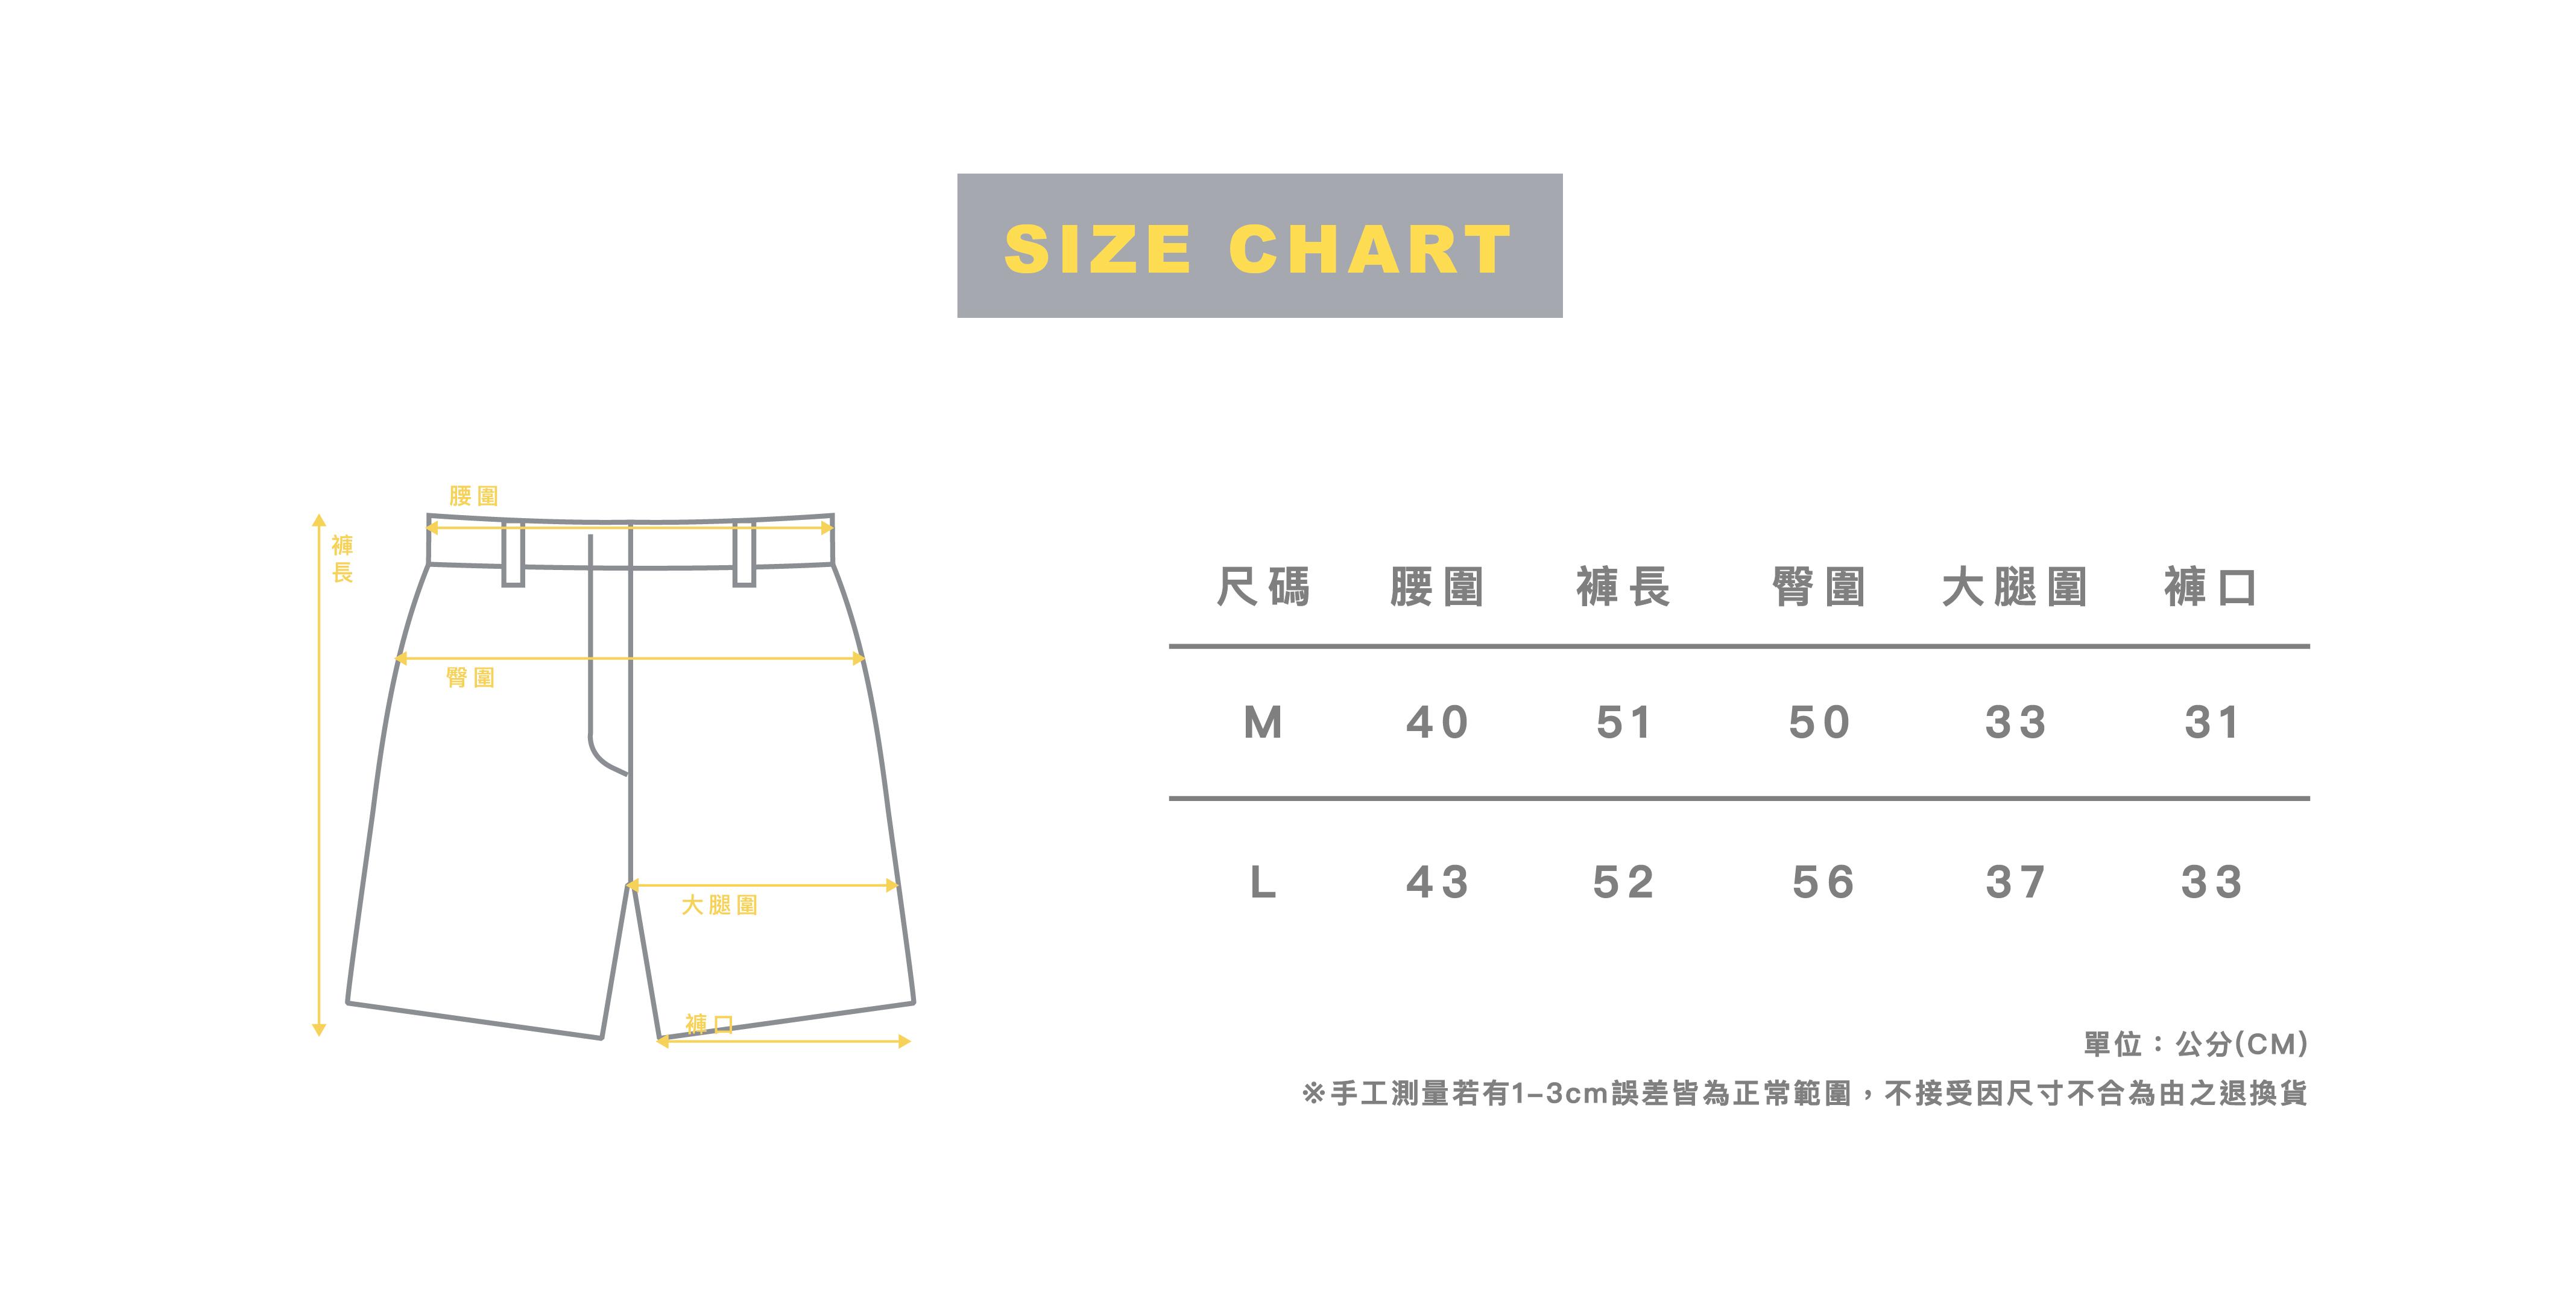 5月尺寸表_西裝材質腰帶短褲.jpg